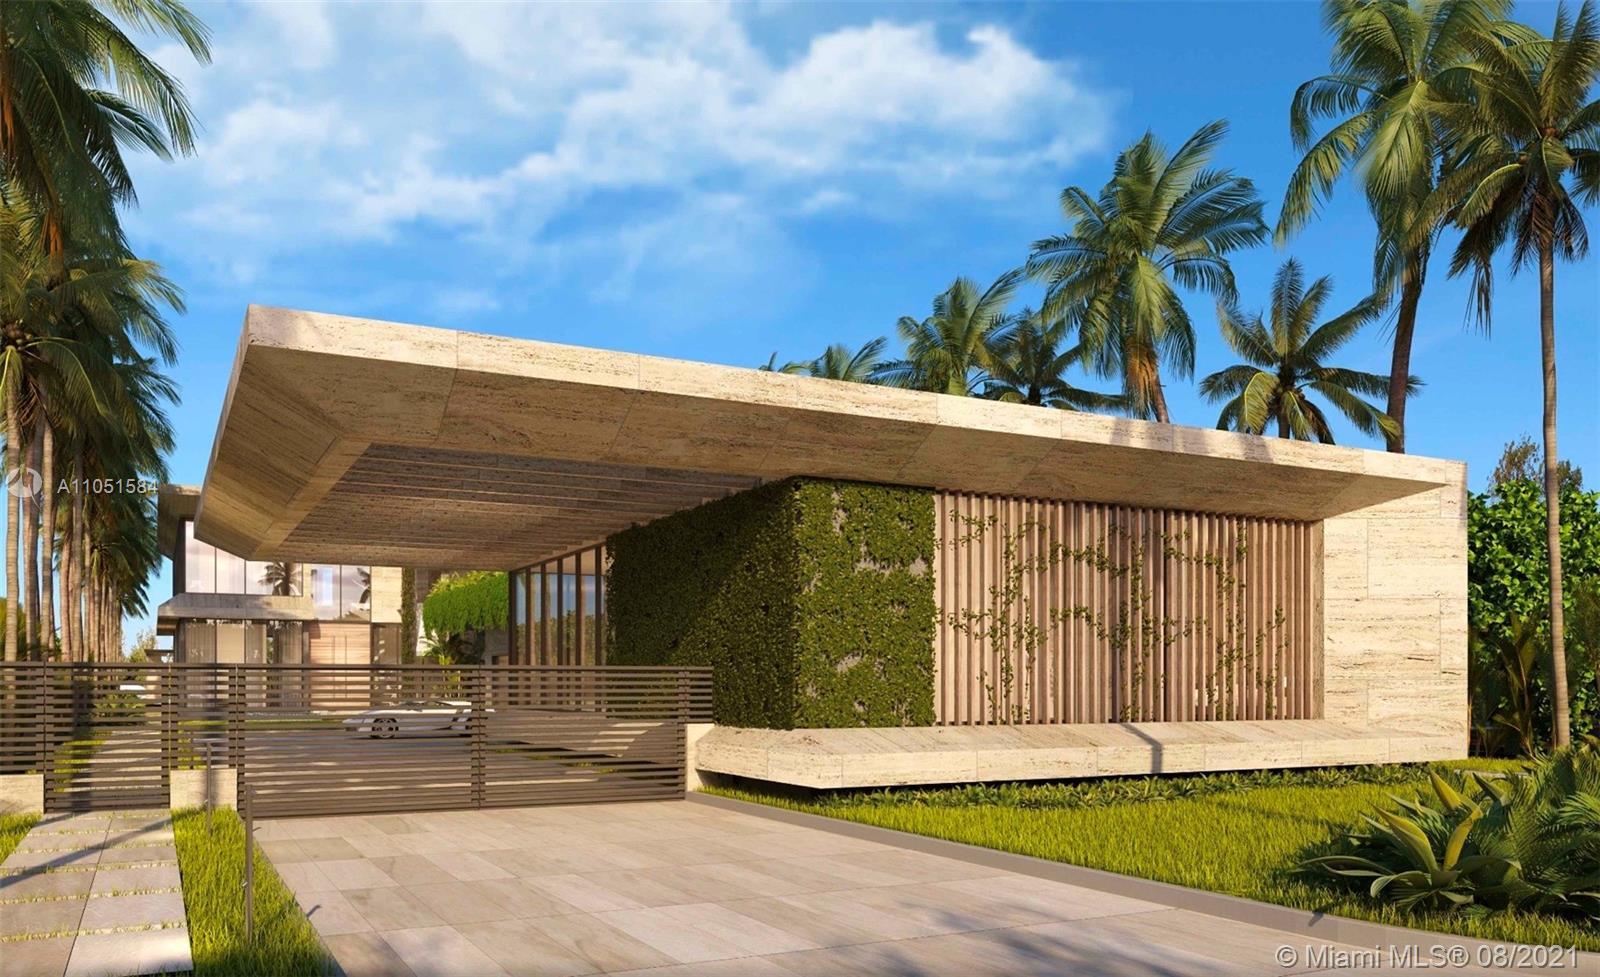 La Gorce Golf - 5970 N Bay Rd, Miami Beach, FL 33140